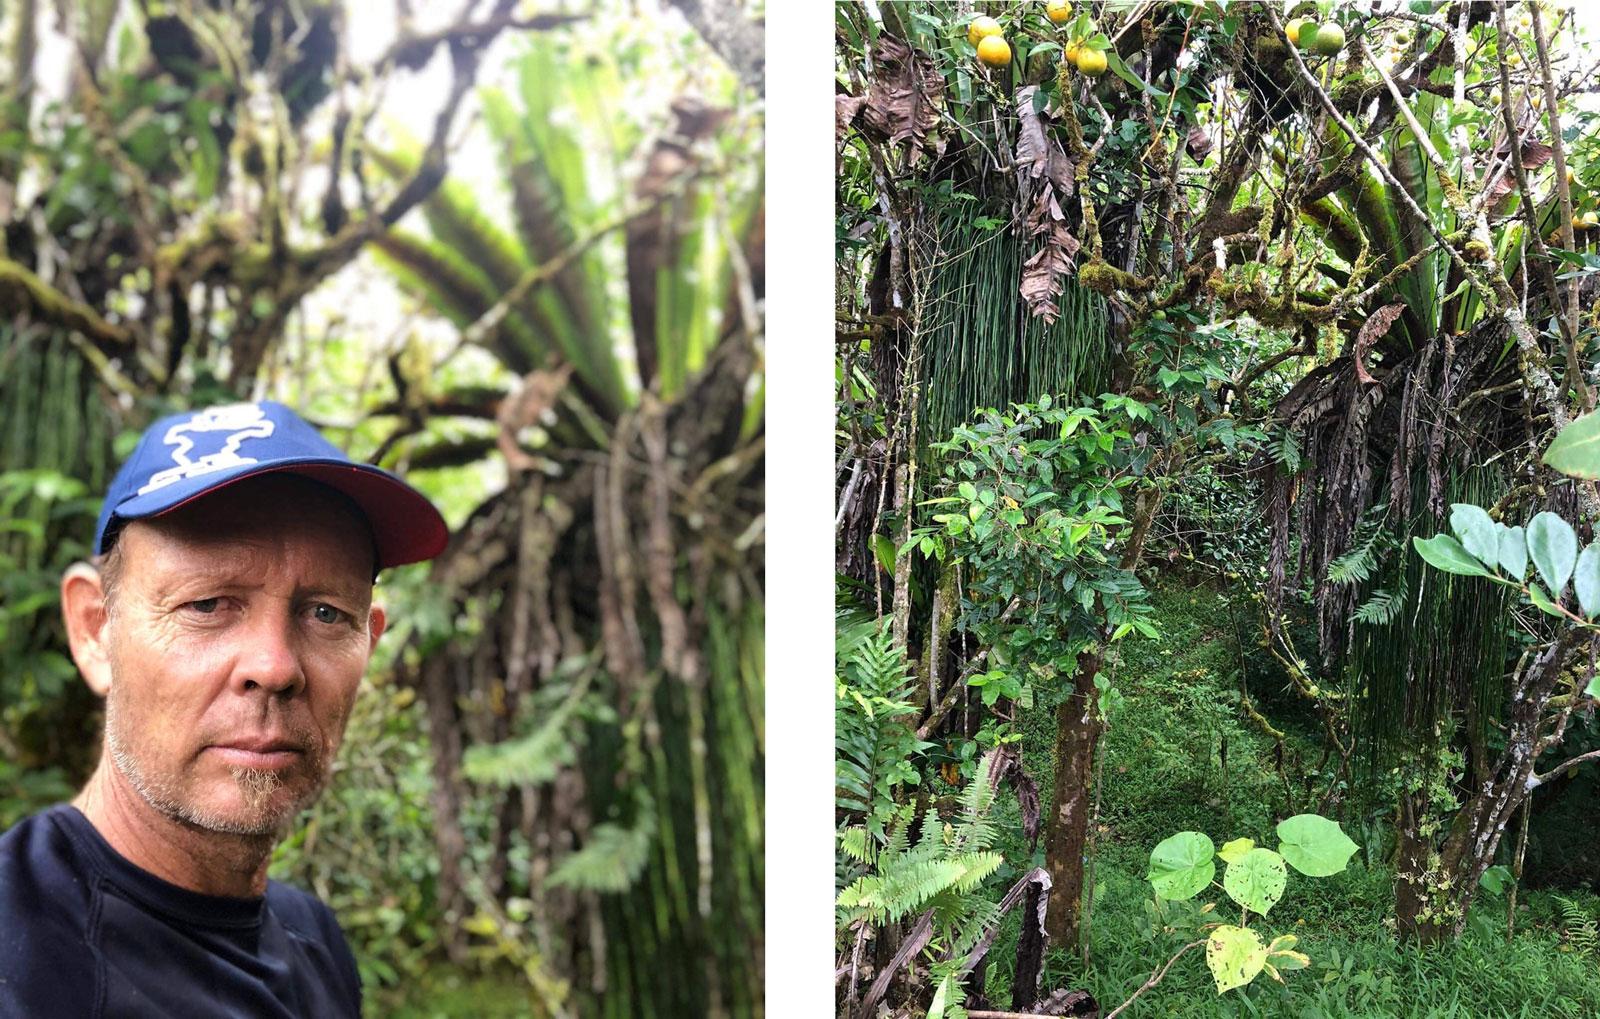 Marquesas-Island-Expedition-Bart-de-Zwart's-Daily-Journal-selfie-2